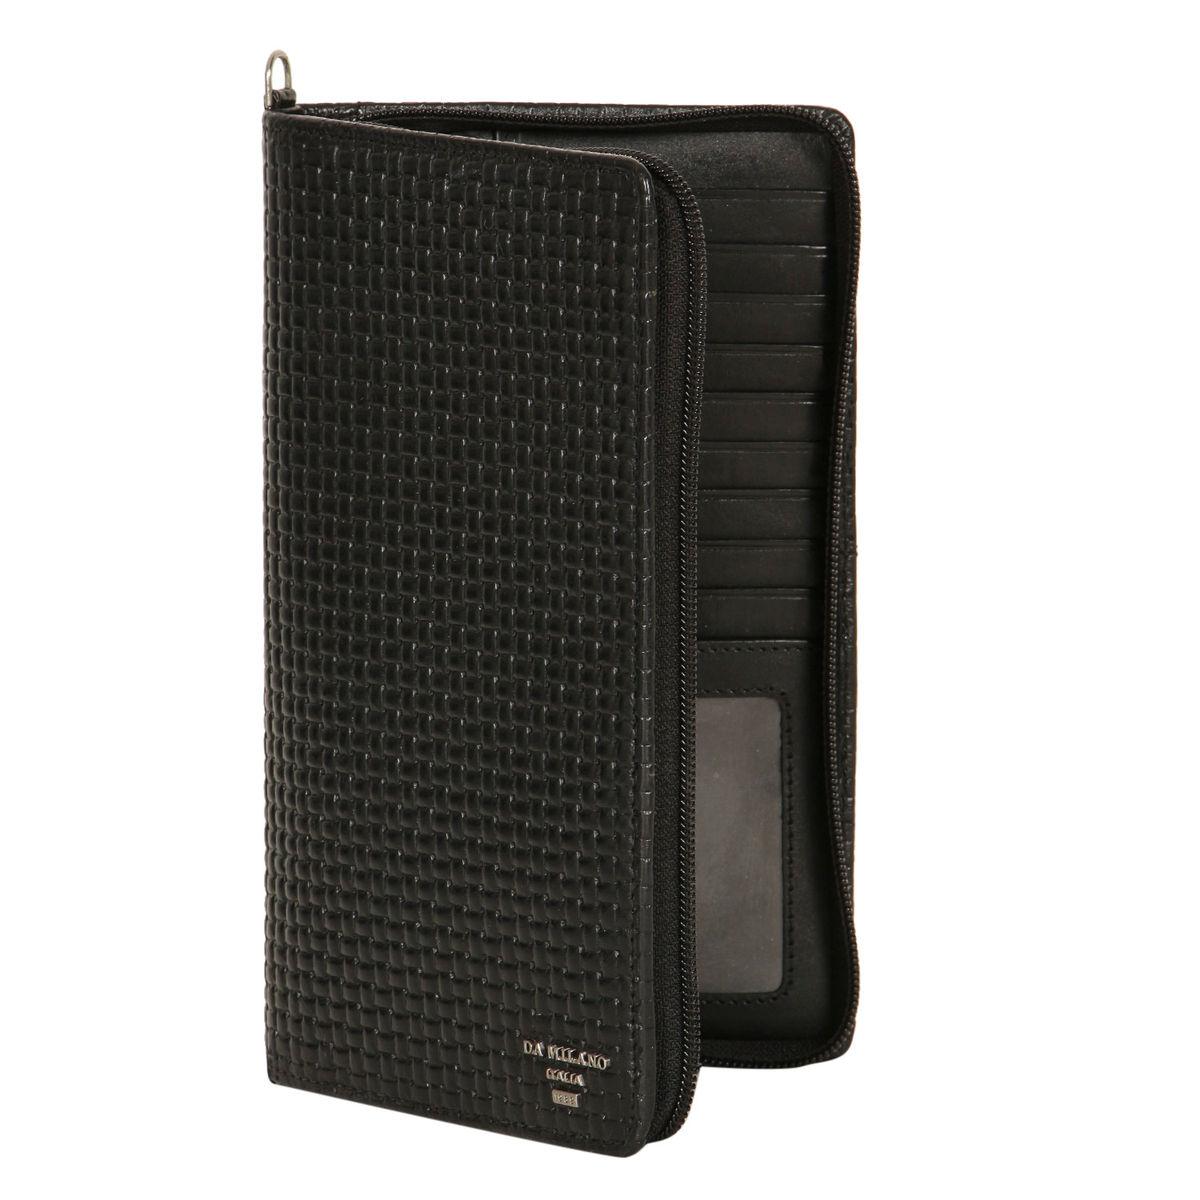 Da Milano Black Passport Case Pc 0816blackmat